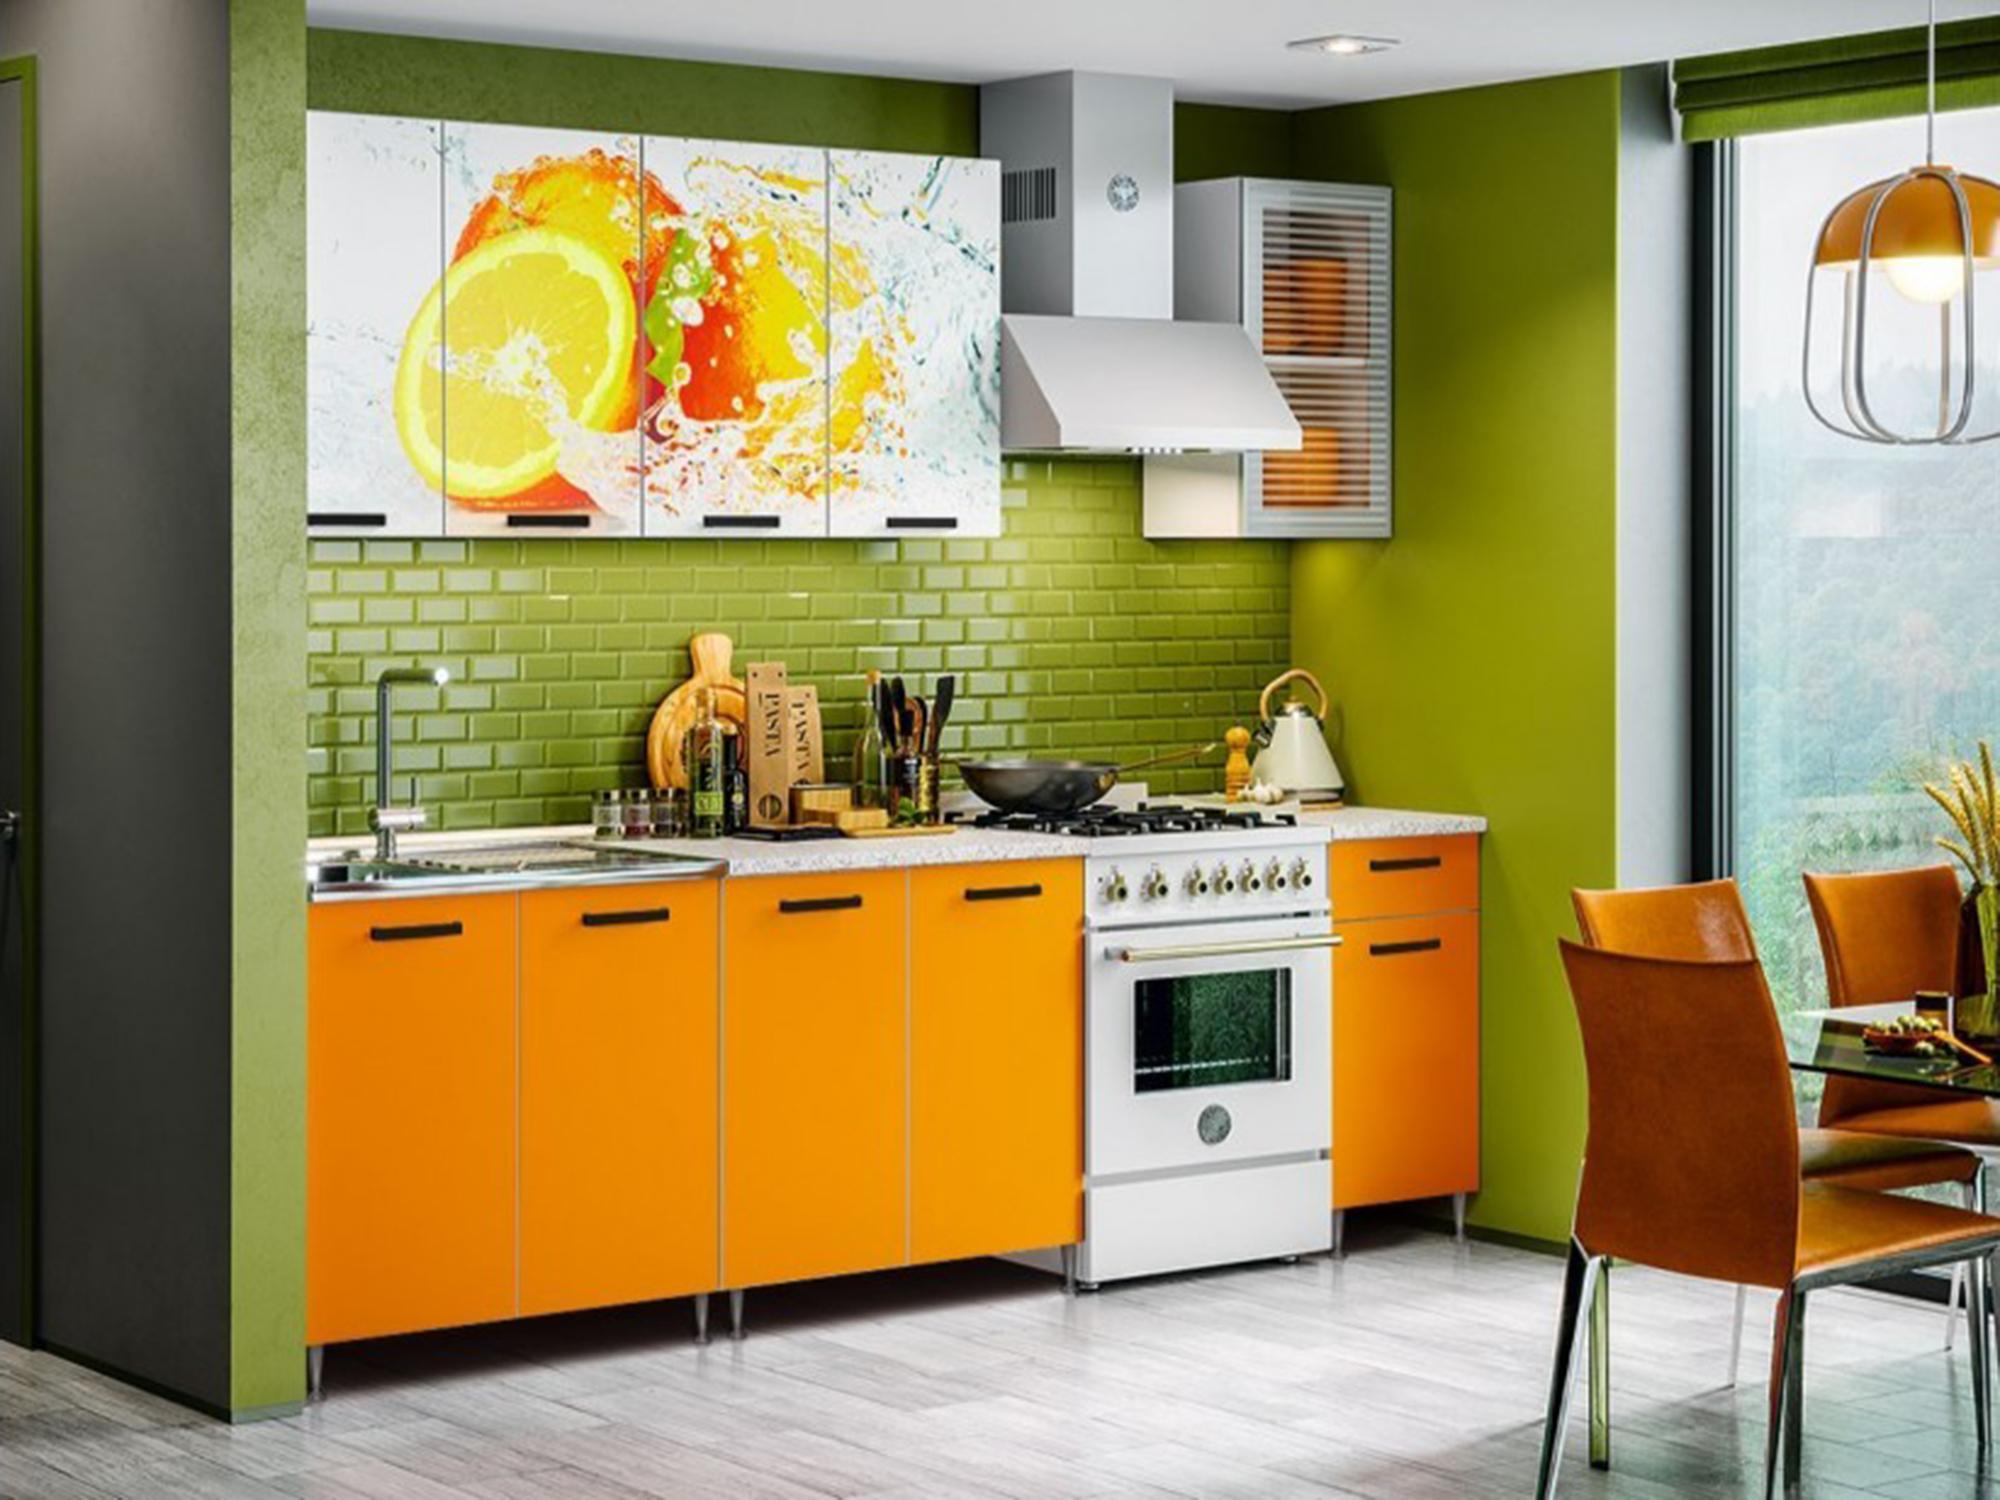 Кухня Рио-1 2000 Оранжевый, , Белый, ЛДСП, Стекло Белый, Оранжевый